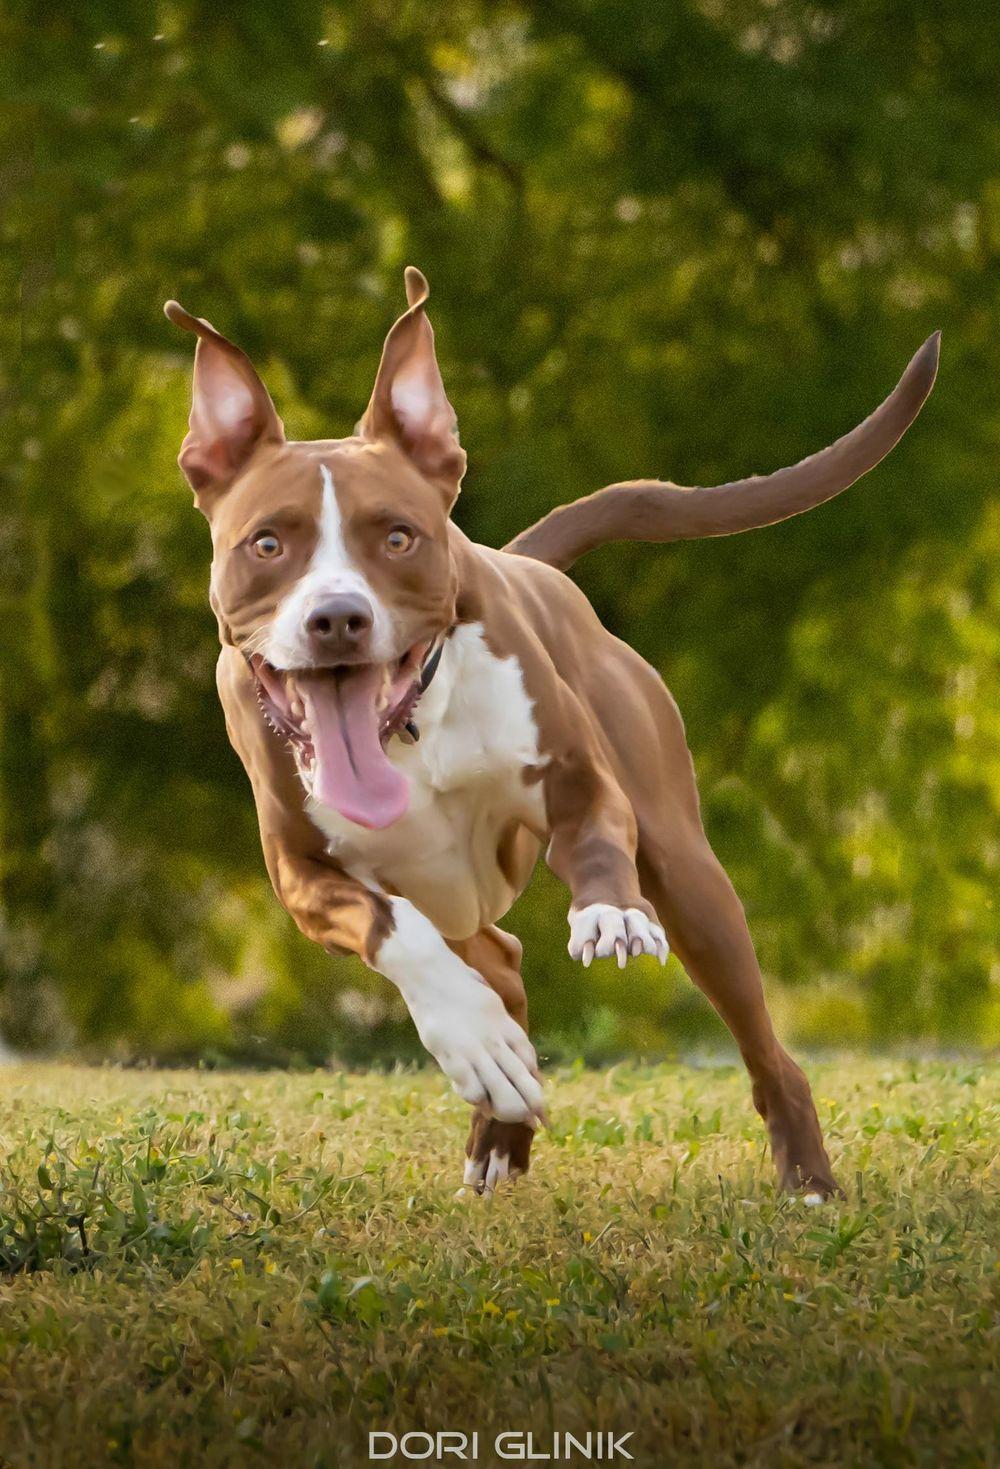 Dog Portrait - image 1 - student project